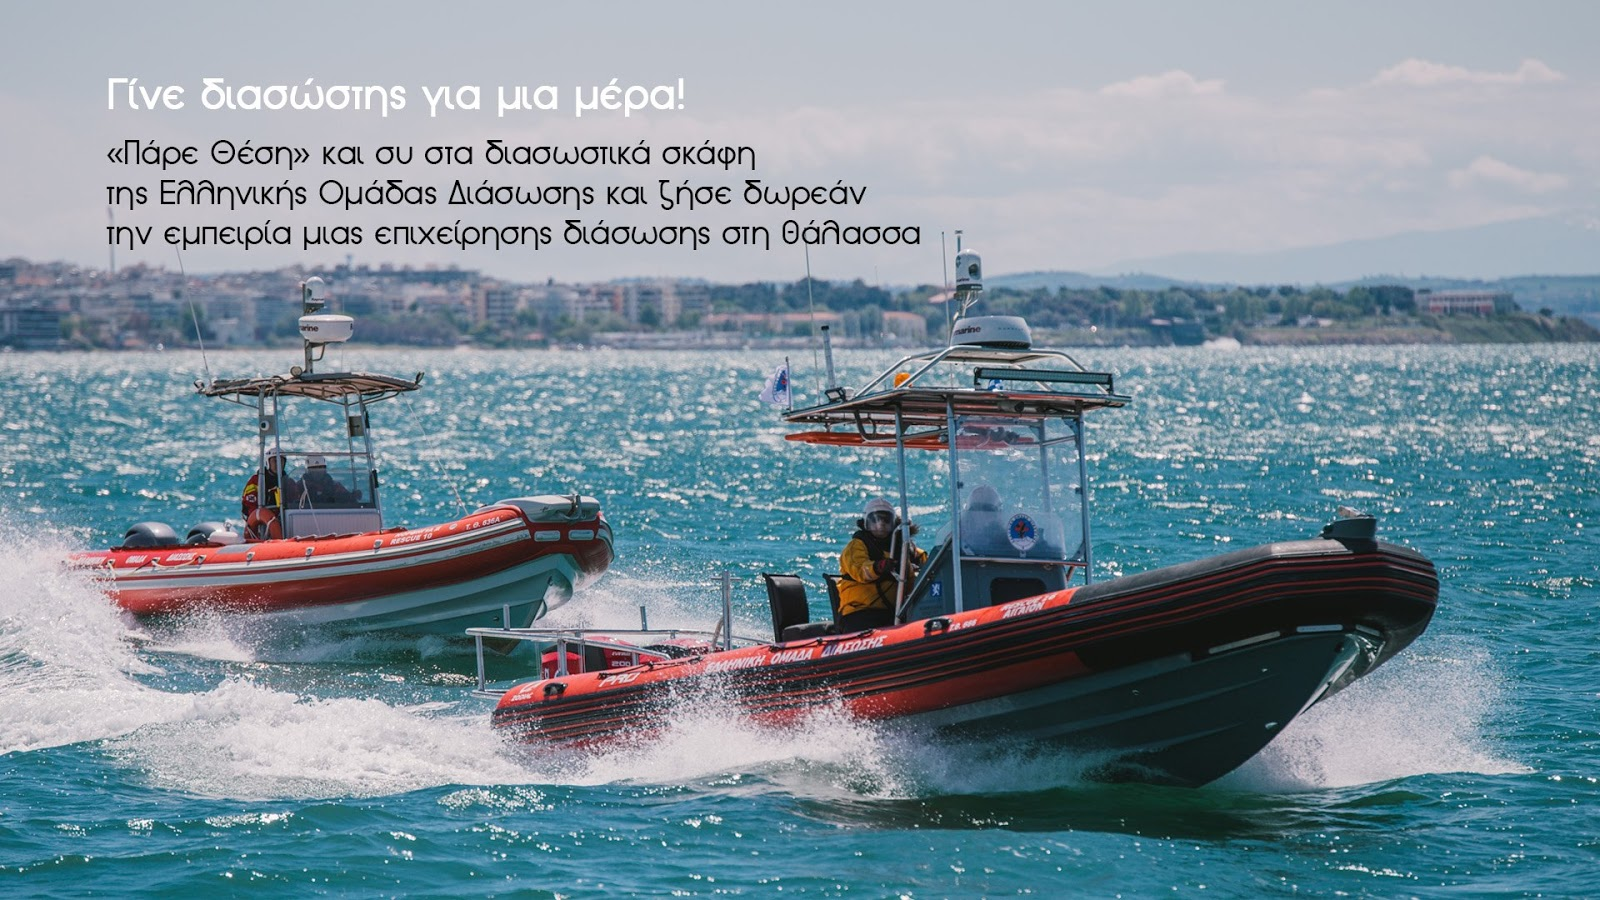 Γίνε διασώστης για μια μέρα με την Ελληνική Ομάδα Διάσωσης!